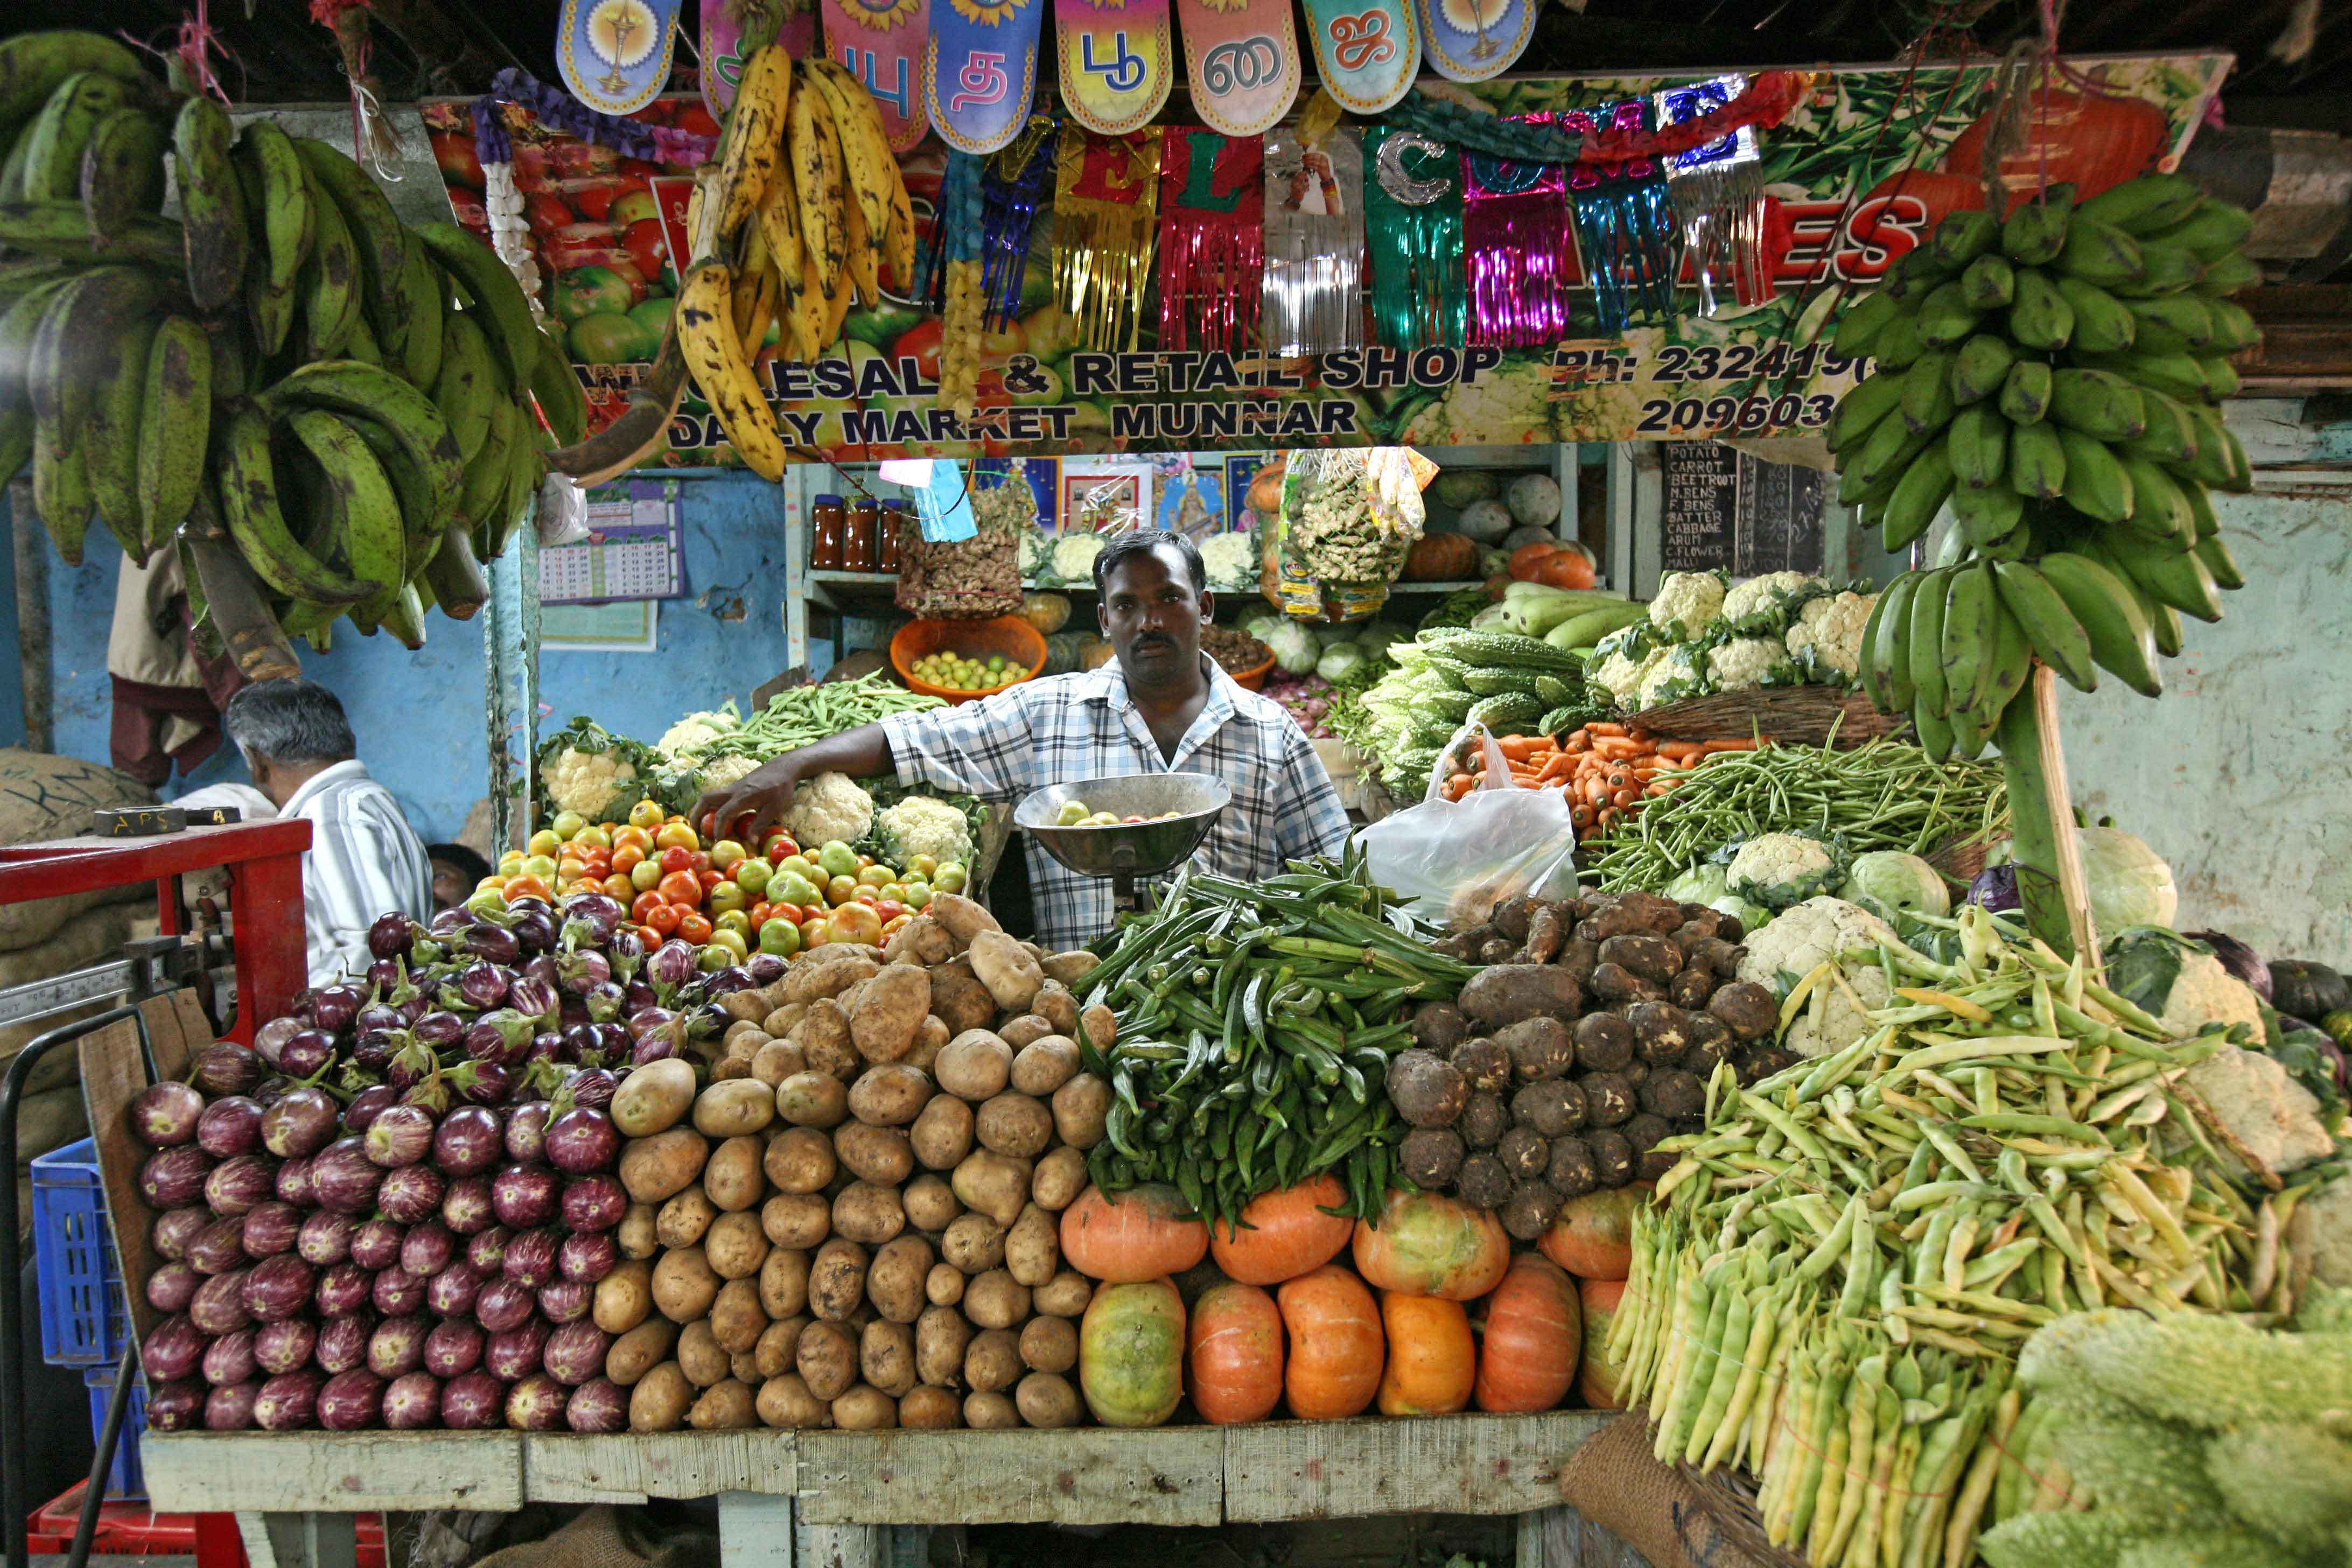 продавец овощей и фруктов в Керале